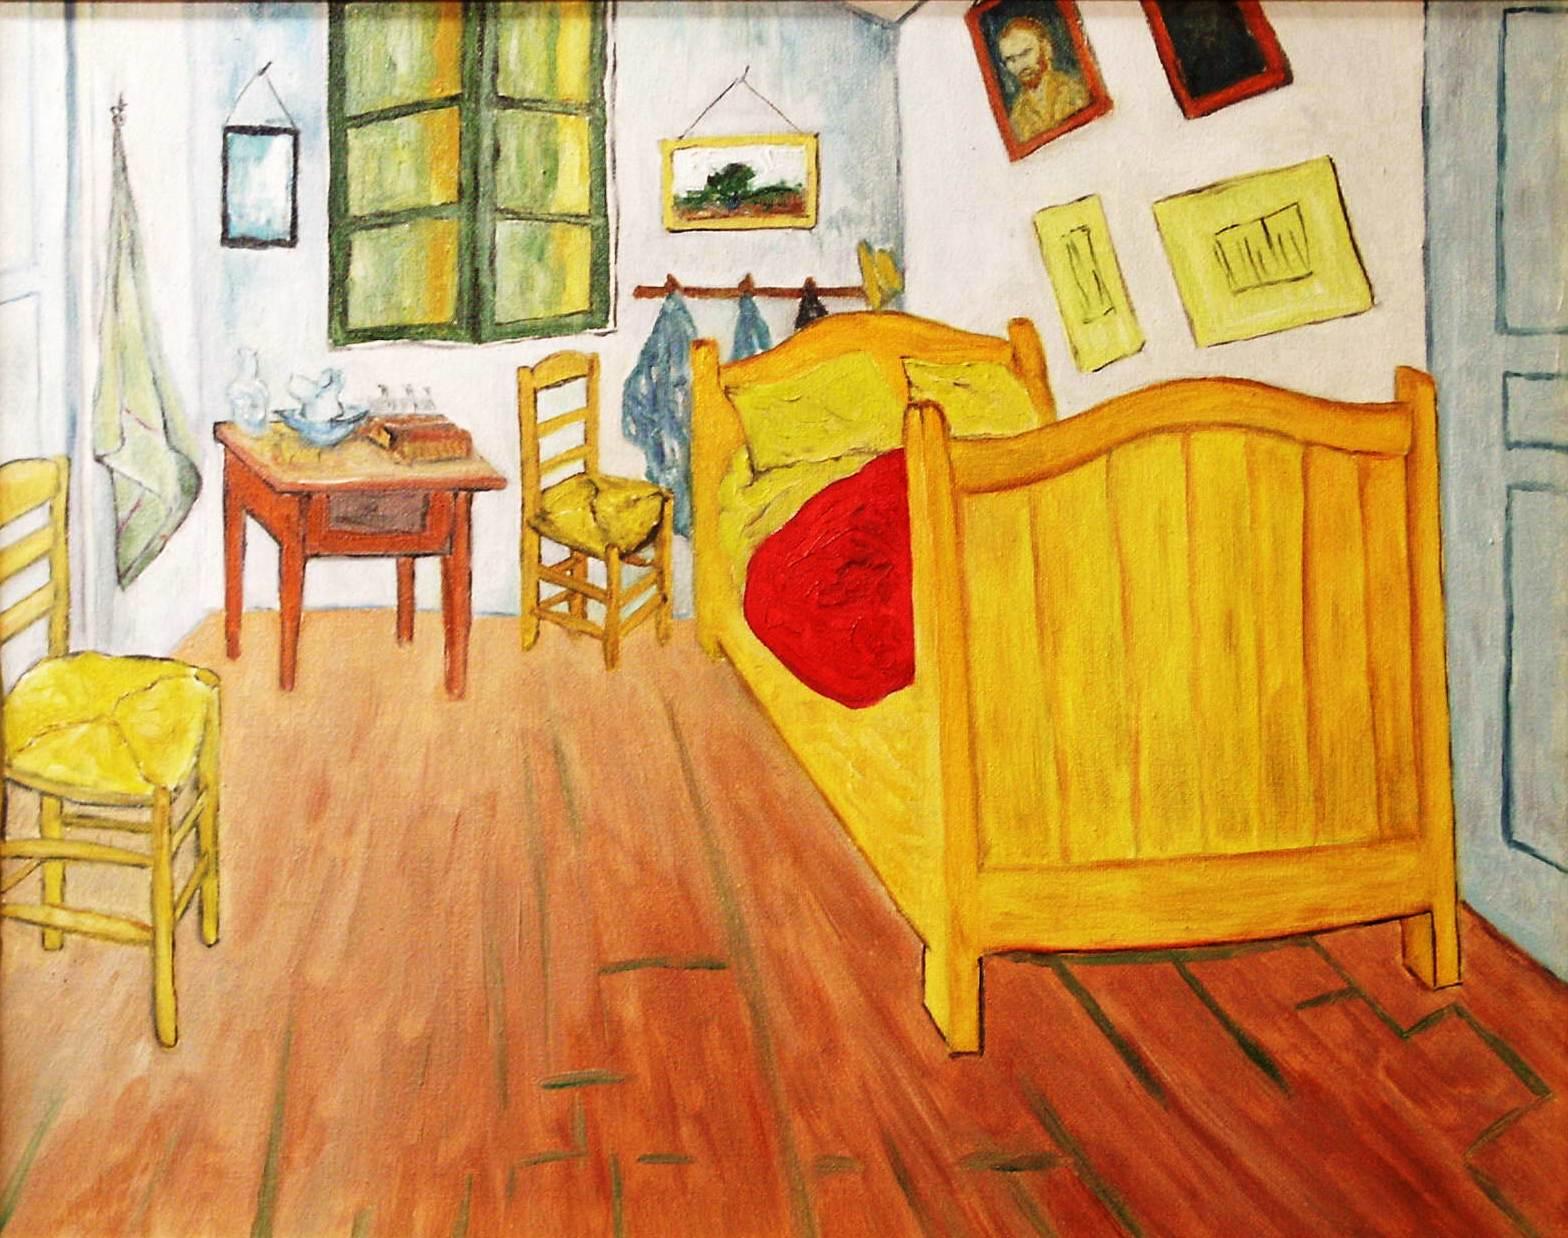 Camera da letto ad arles van gogh maurizio amorosi opera celeste network - Camera da letto van gogh ...